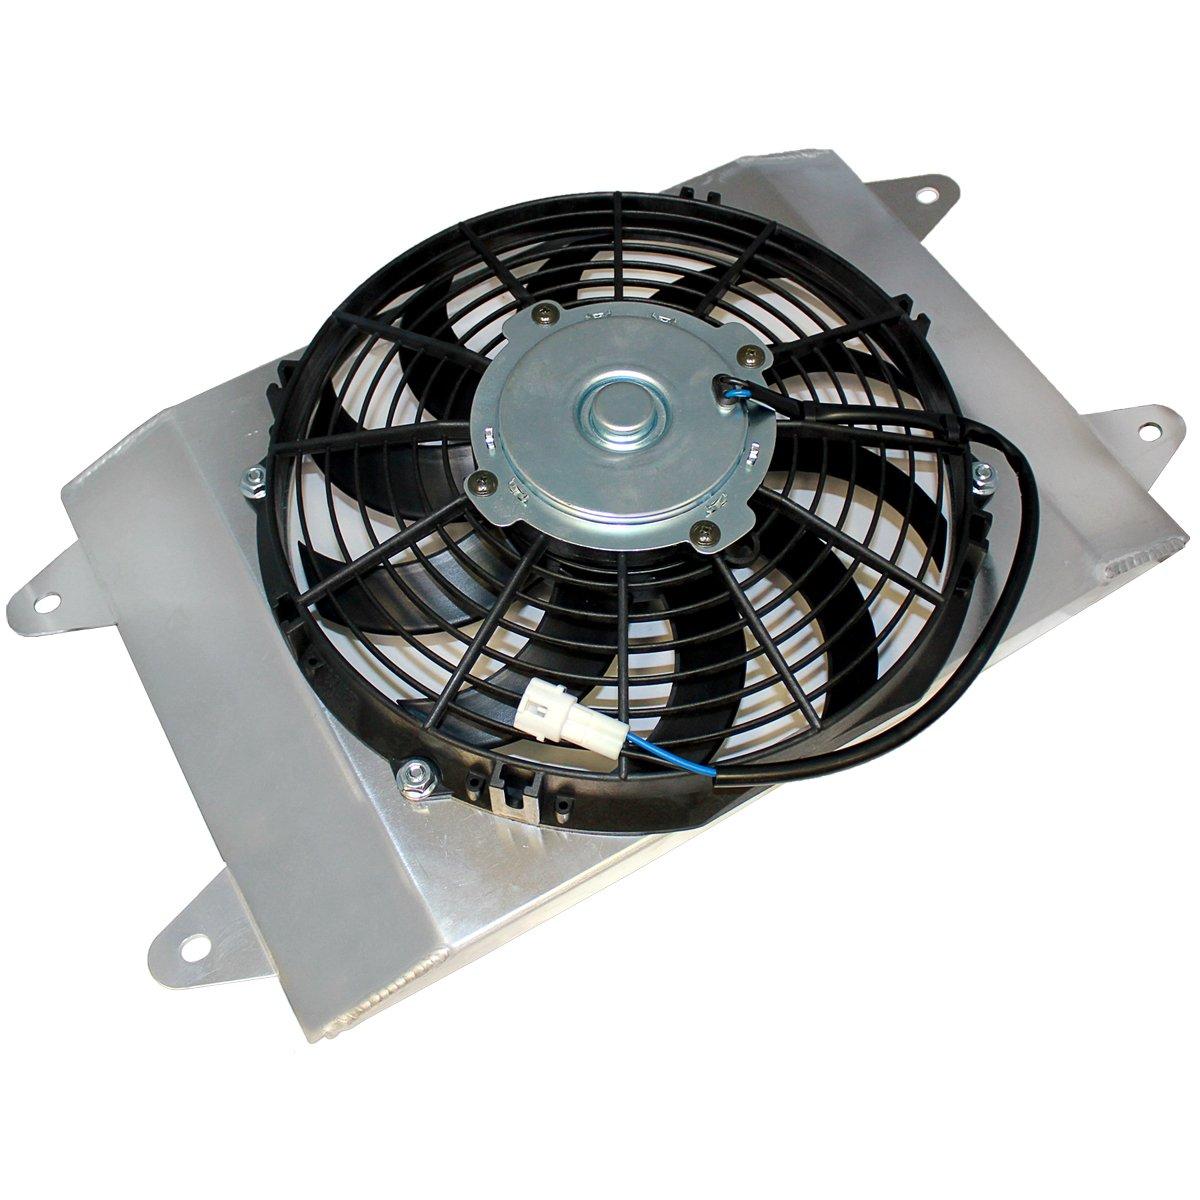 Caltric RADIATOR COOLING FAN FITS YAMAHA RHINO 700 YXR70F YXR-70F 686cc Engine 2008-2013 59502-0011 by Caltric